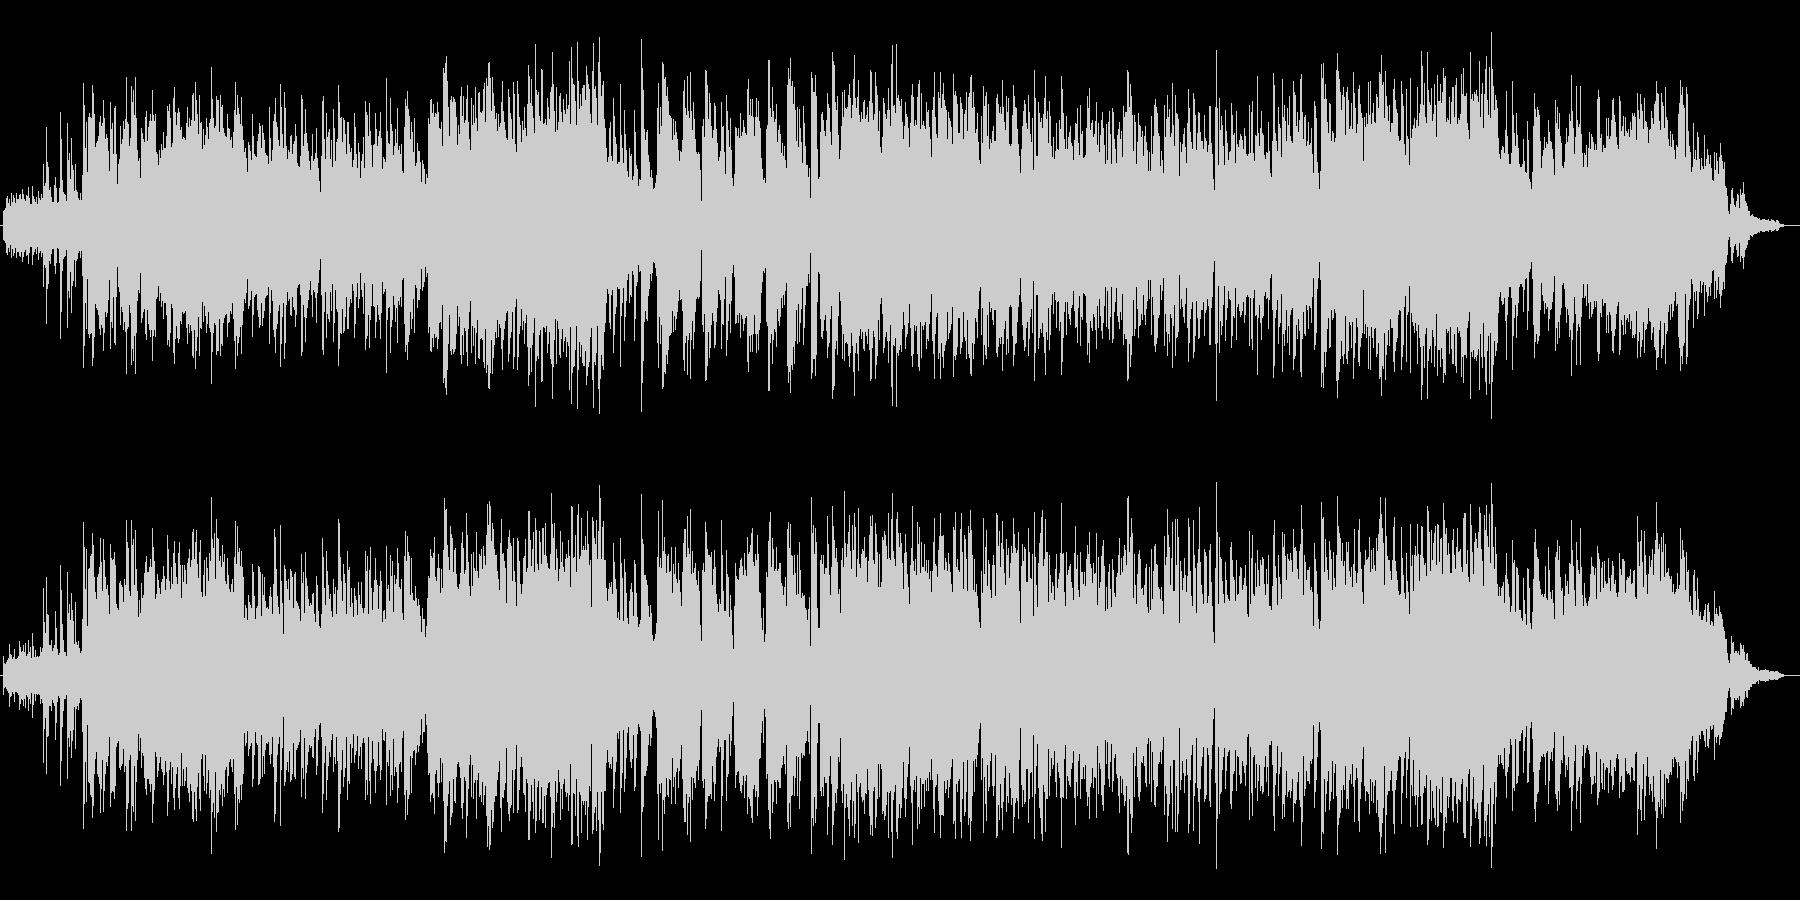 アコーステックギターの音がのどかな曲の未再生の波形